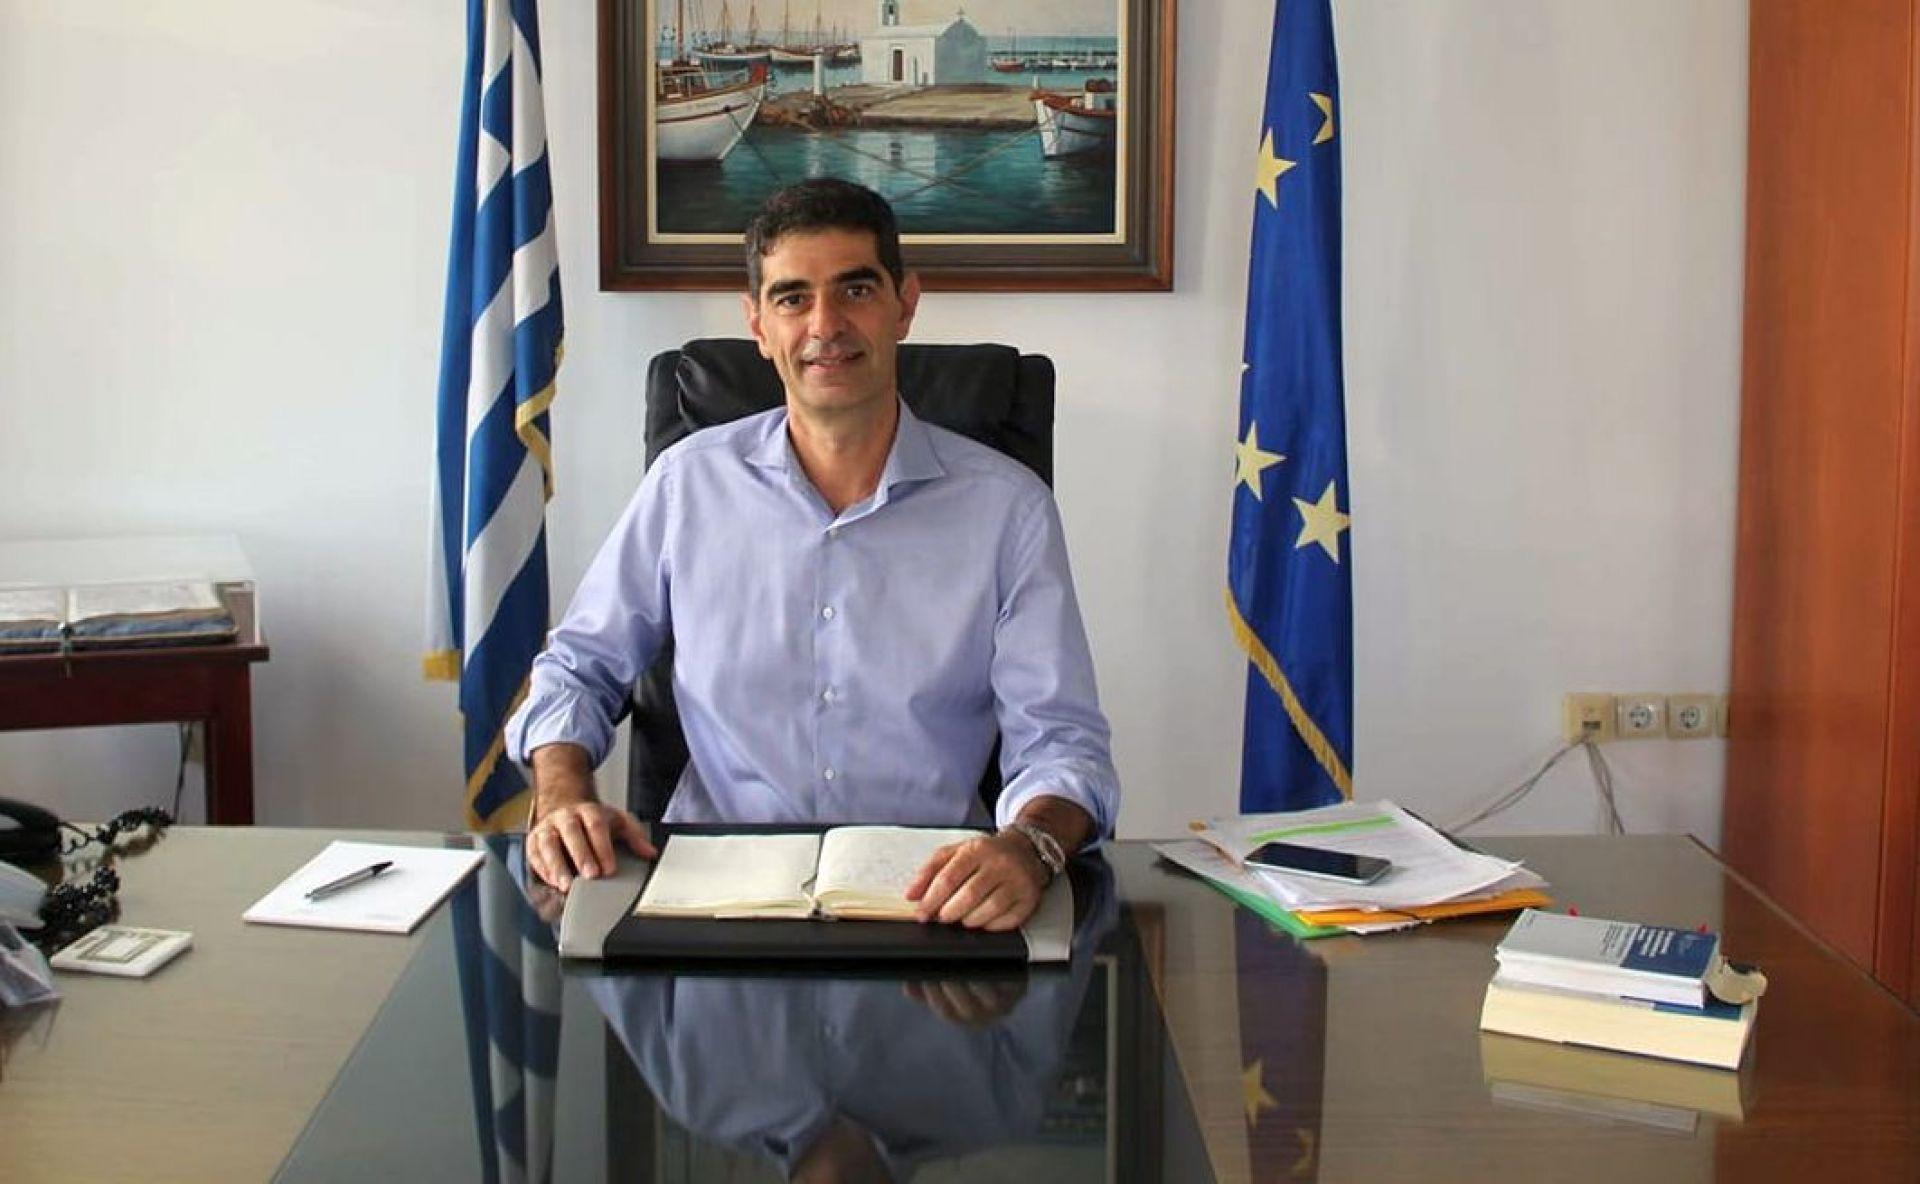 Επιβεβαίωσε το κρούσμα κορονοϊού ο δήμαρχος Νάξου Δημήτρης Λιανός